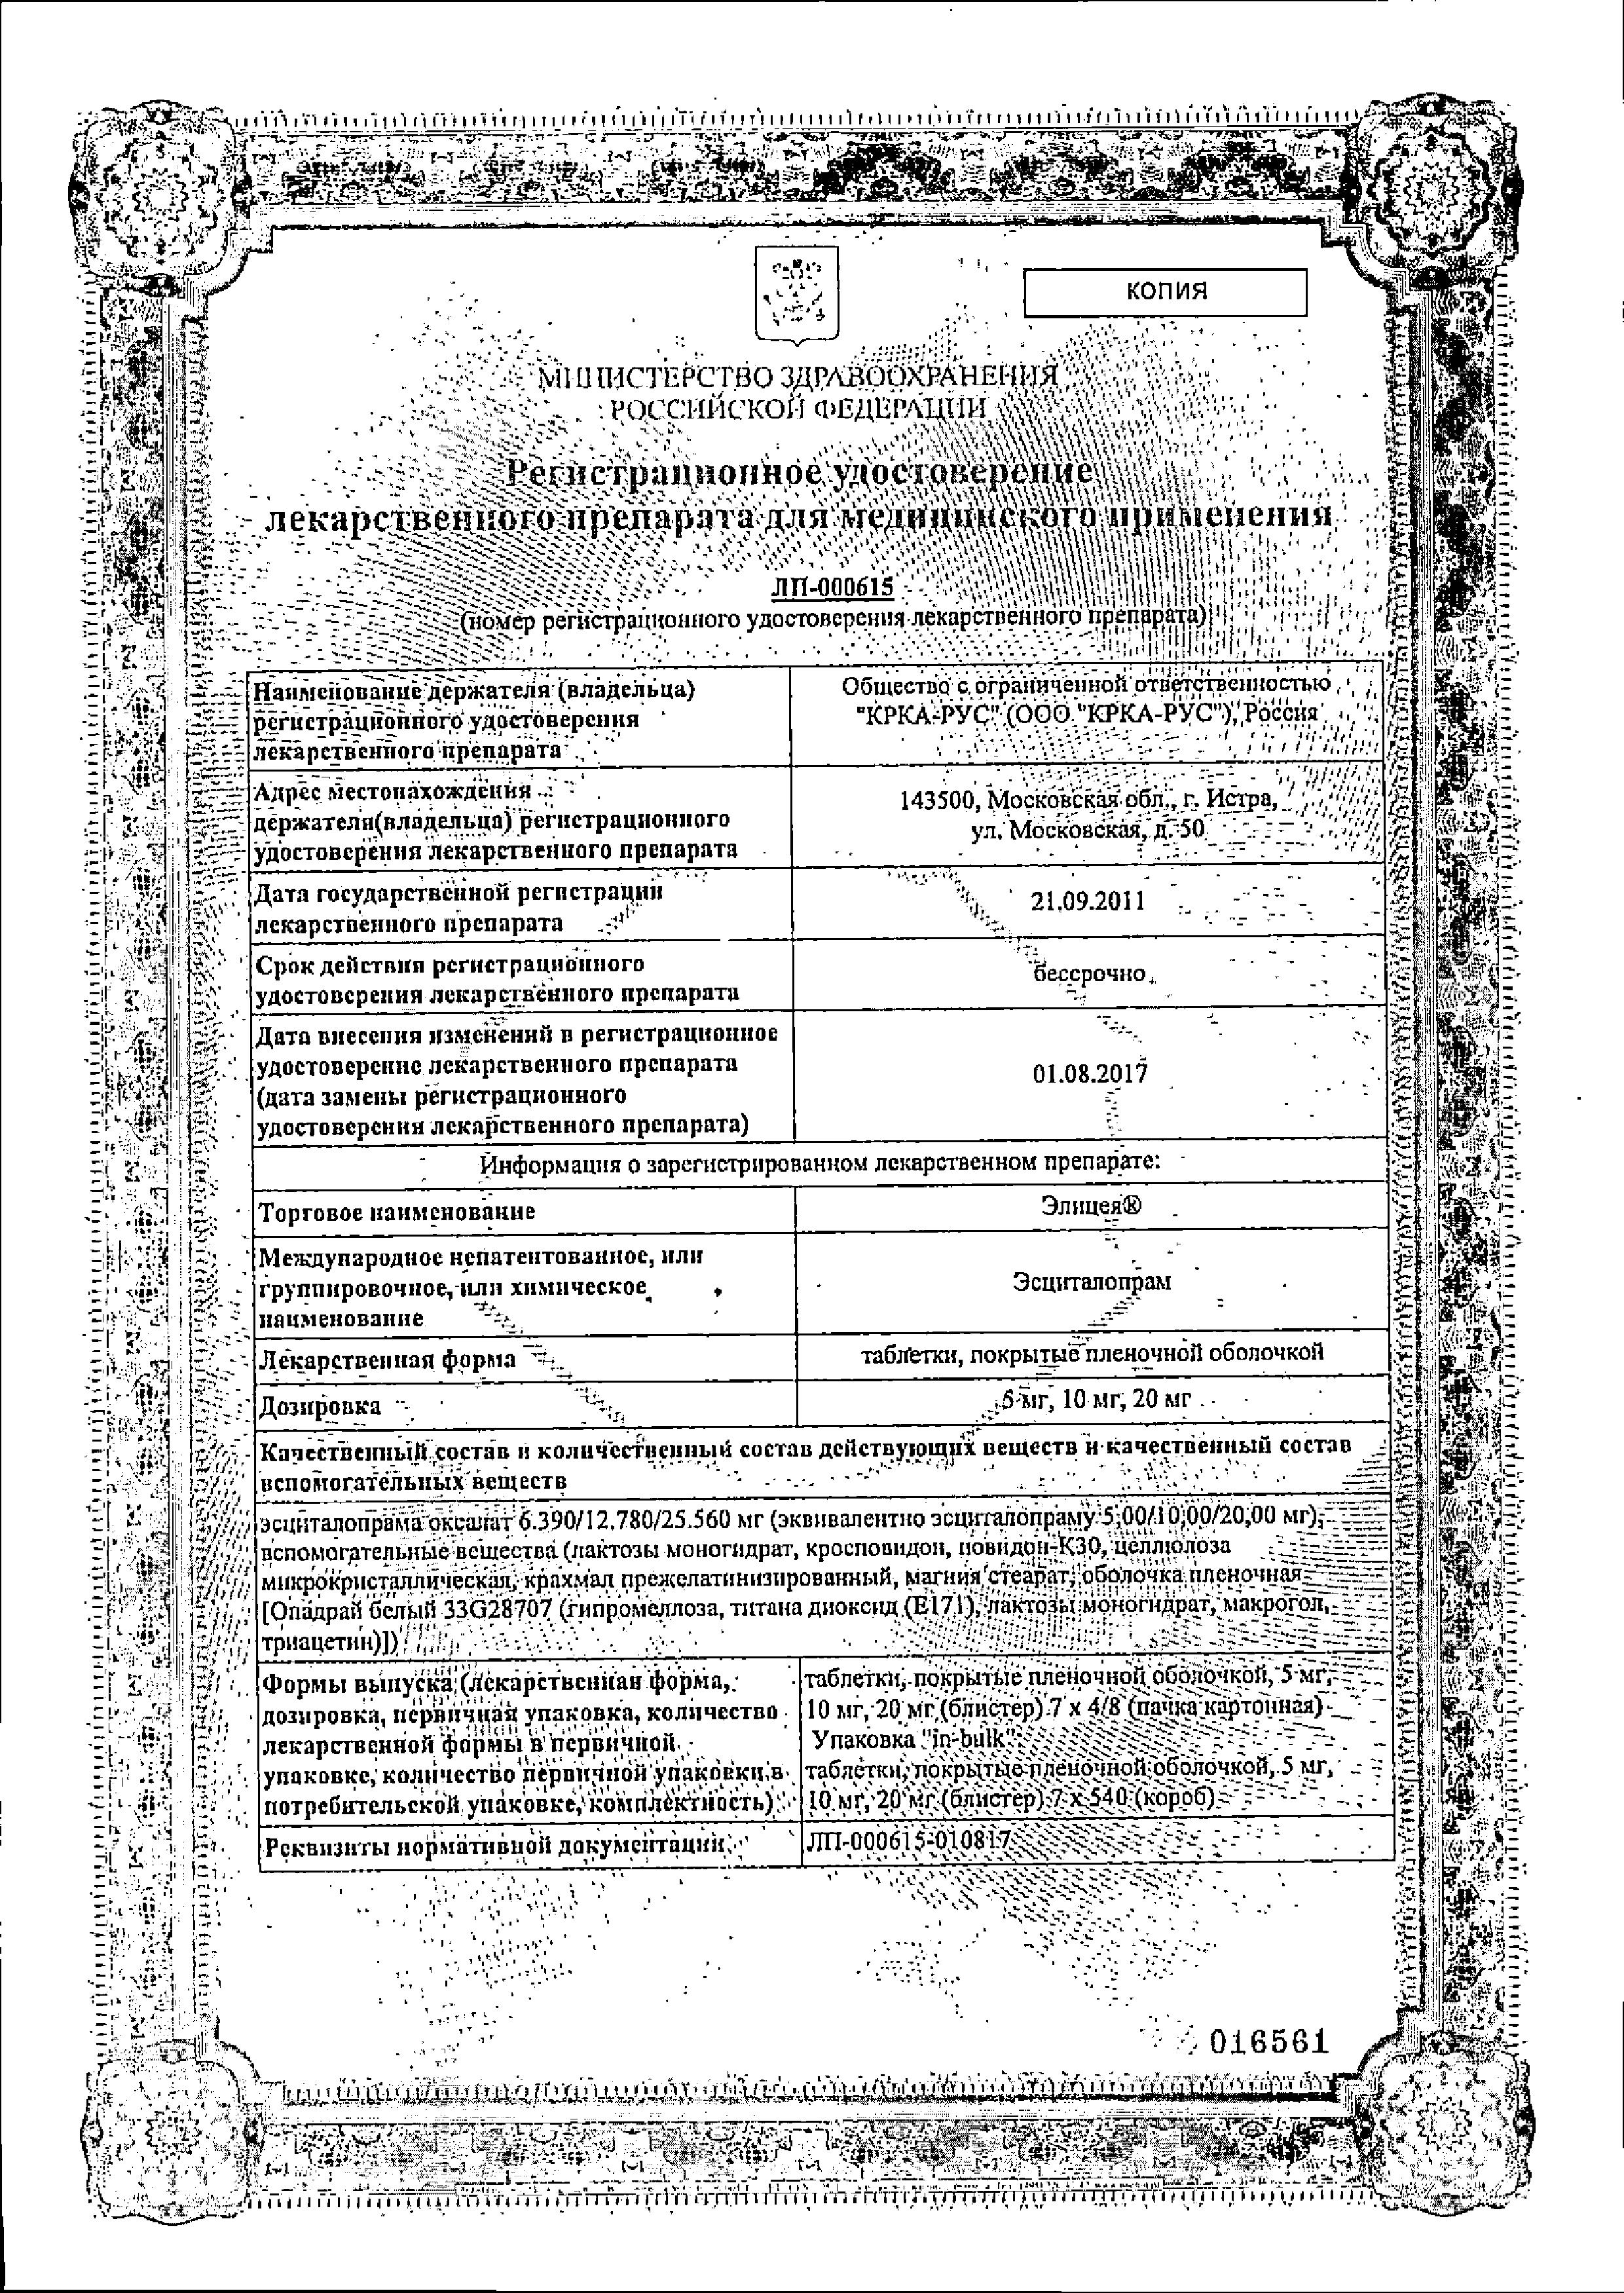 Элицея сертификат